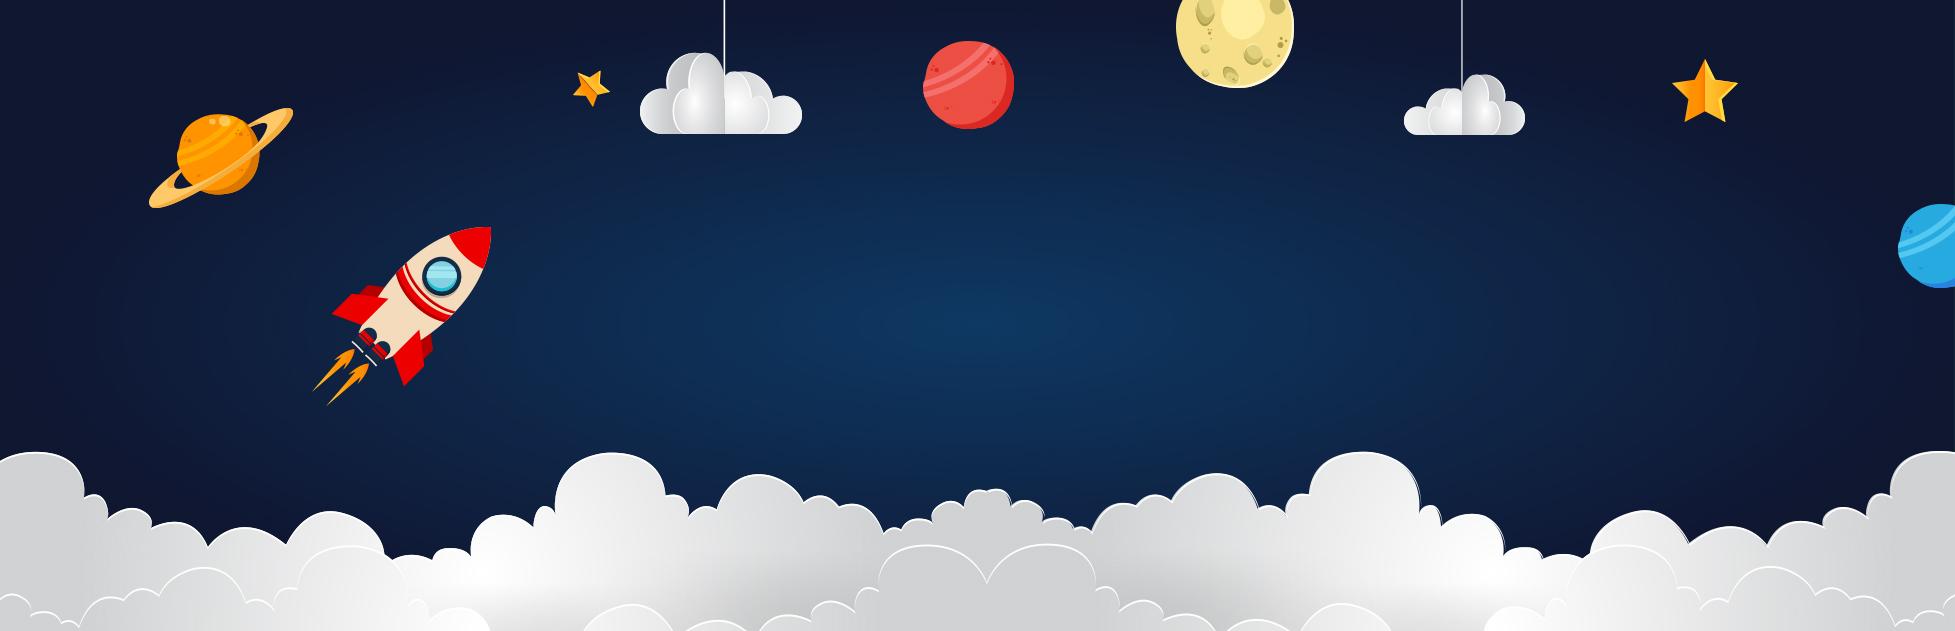 כמה עולה גיבוי בענן